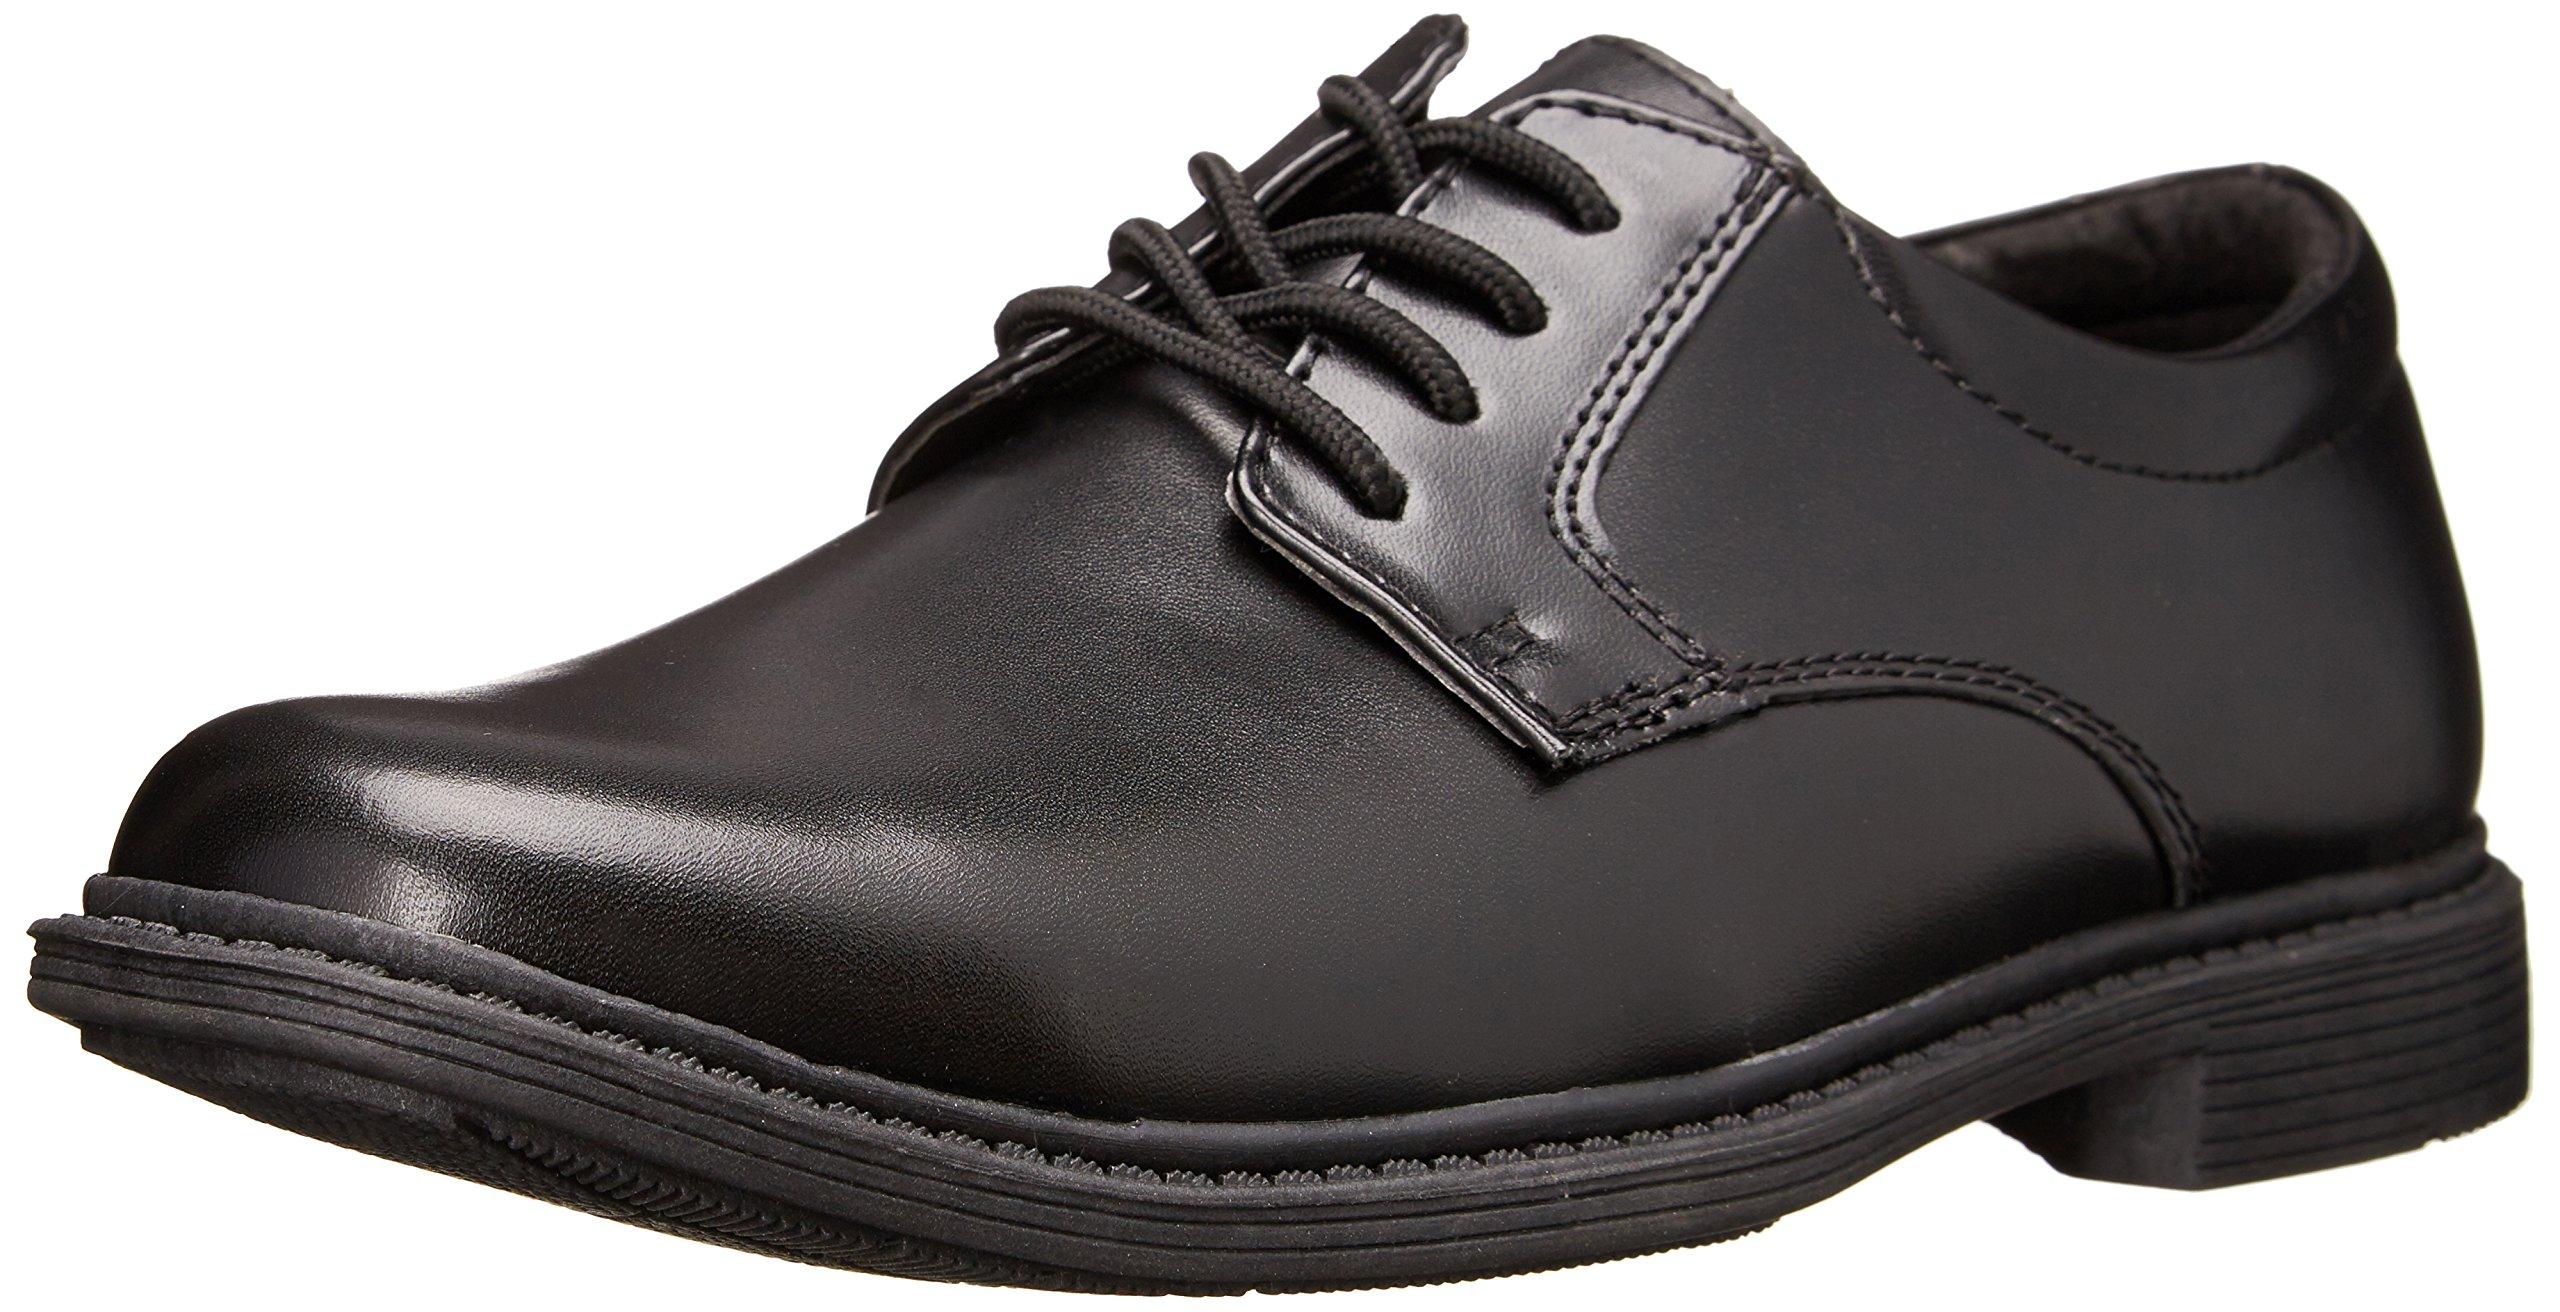 Stacy Adams Austin Plain Toe Uniform Dress/Casual Lace-up Uniform Oxford Shoe (Little Kid/Big Kid),Black,11 M US Little Kid